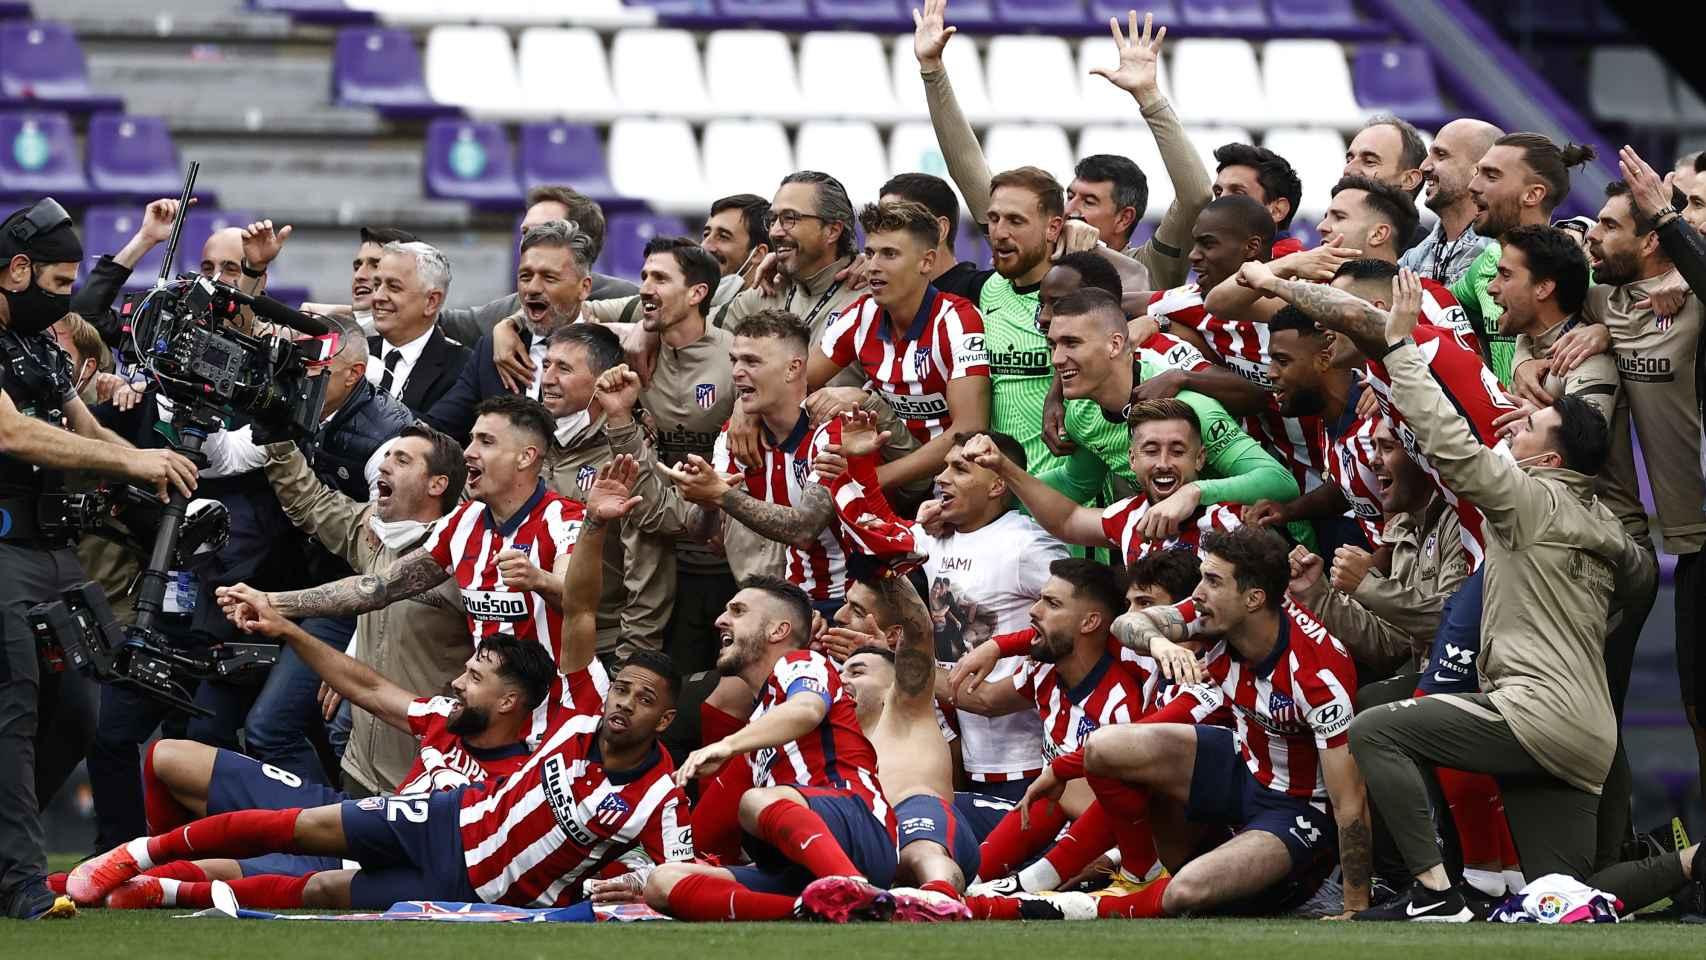 El Atlético de Madrid posa ante los medios gráficos tras ganar su undécima Liga